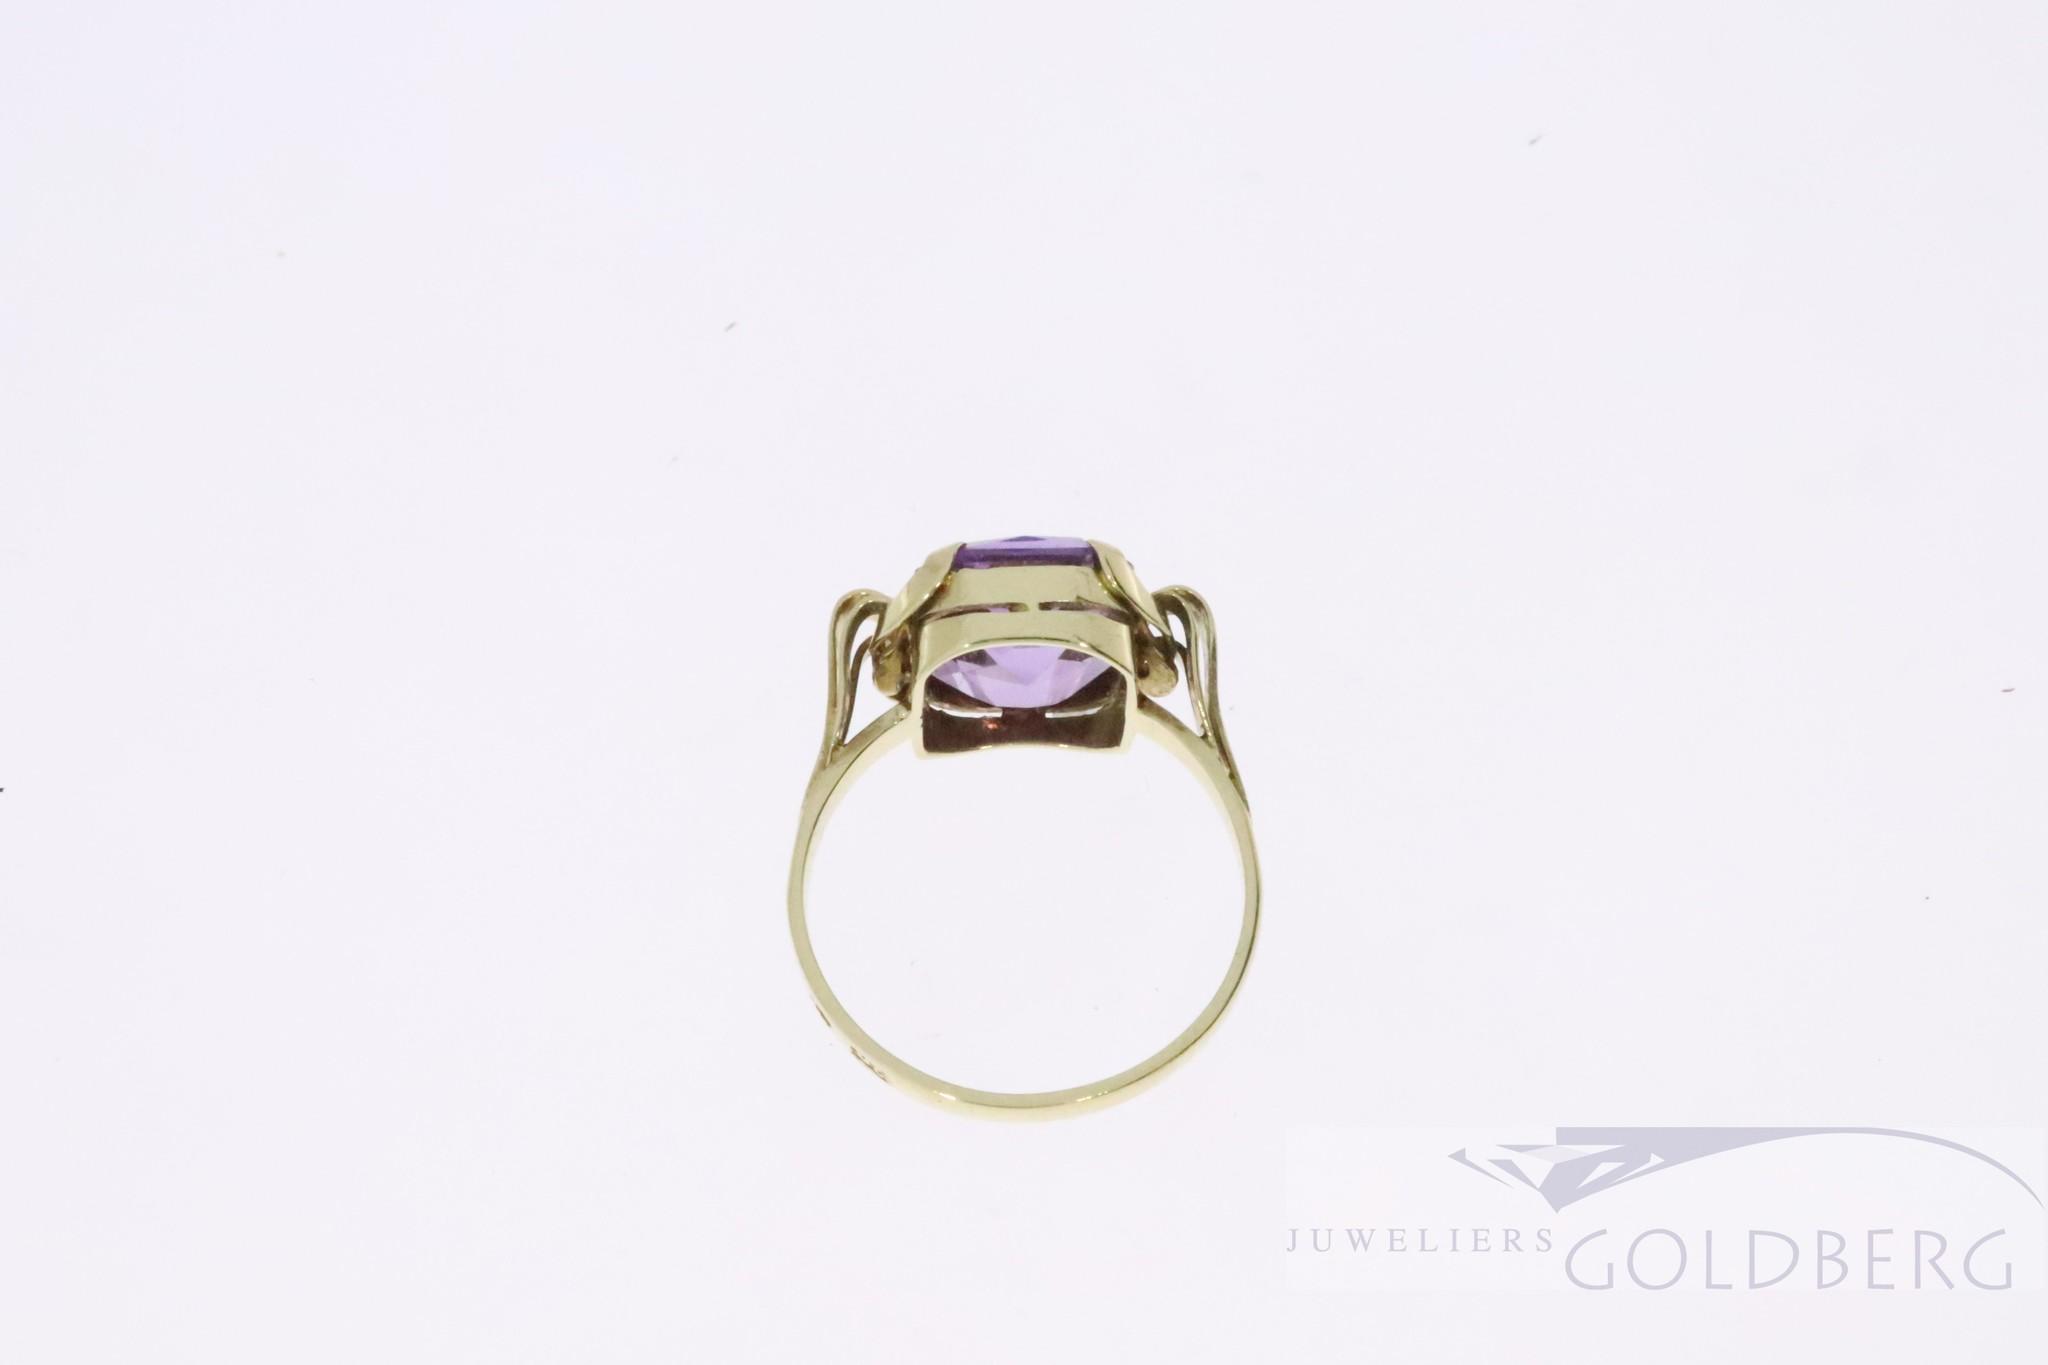 Prachtige antieke 14k gouden ring met Amethist uit de '50